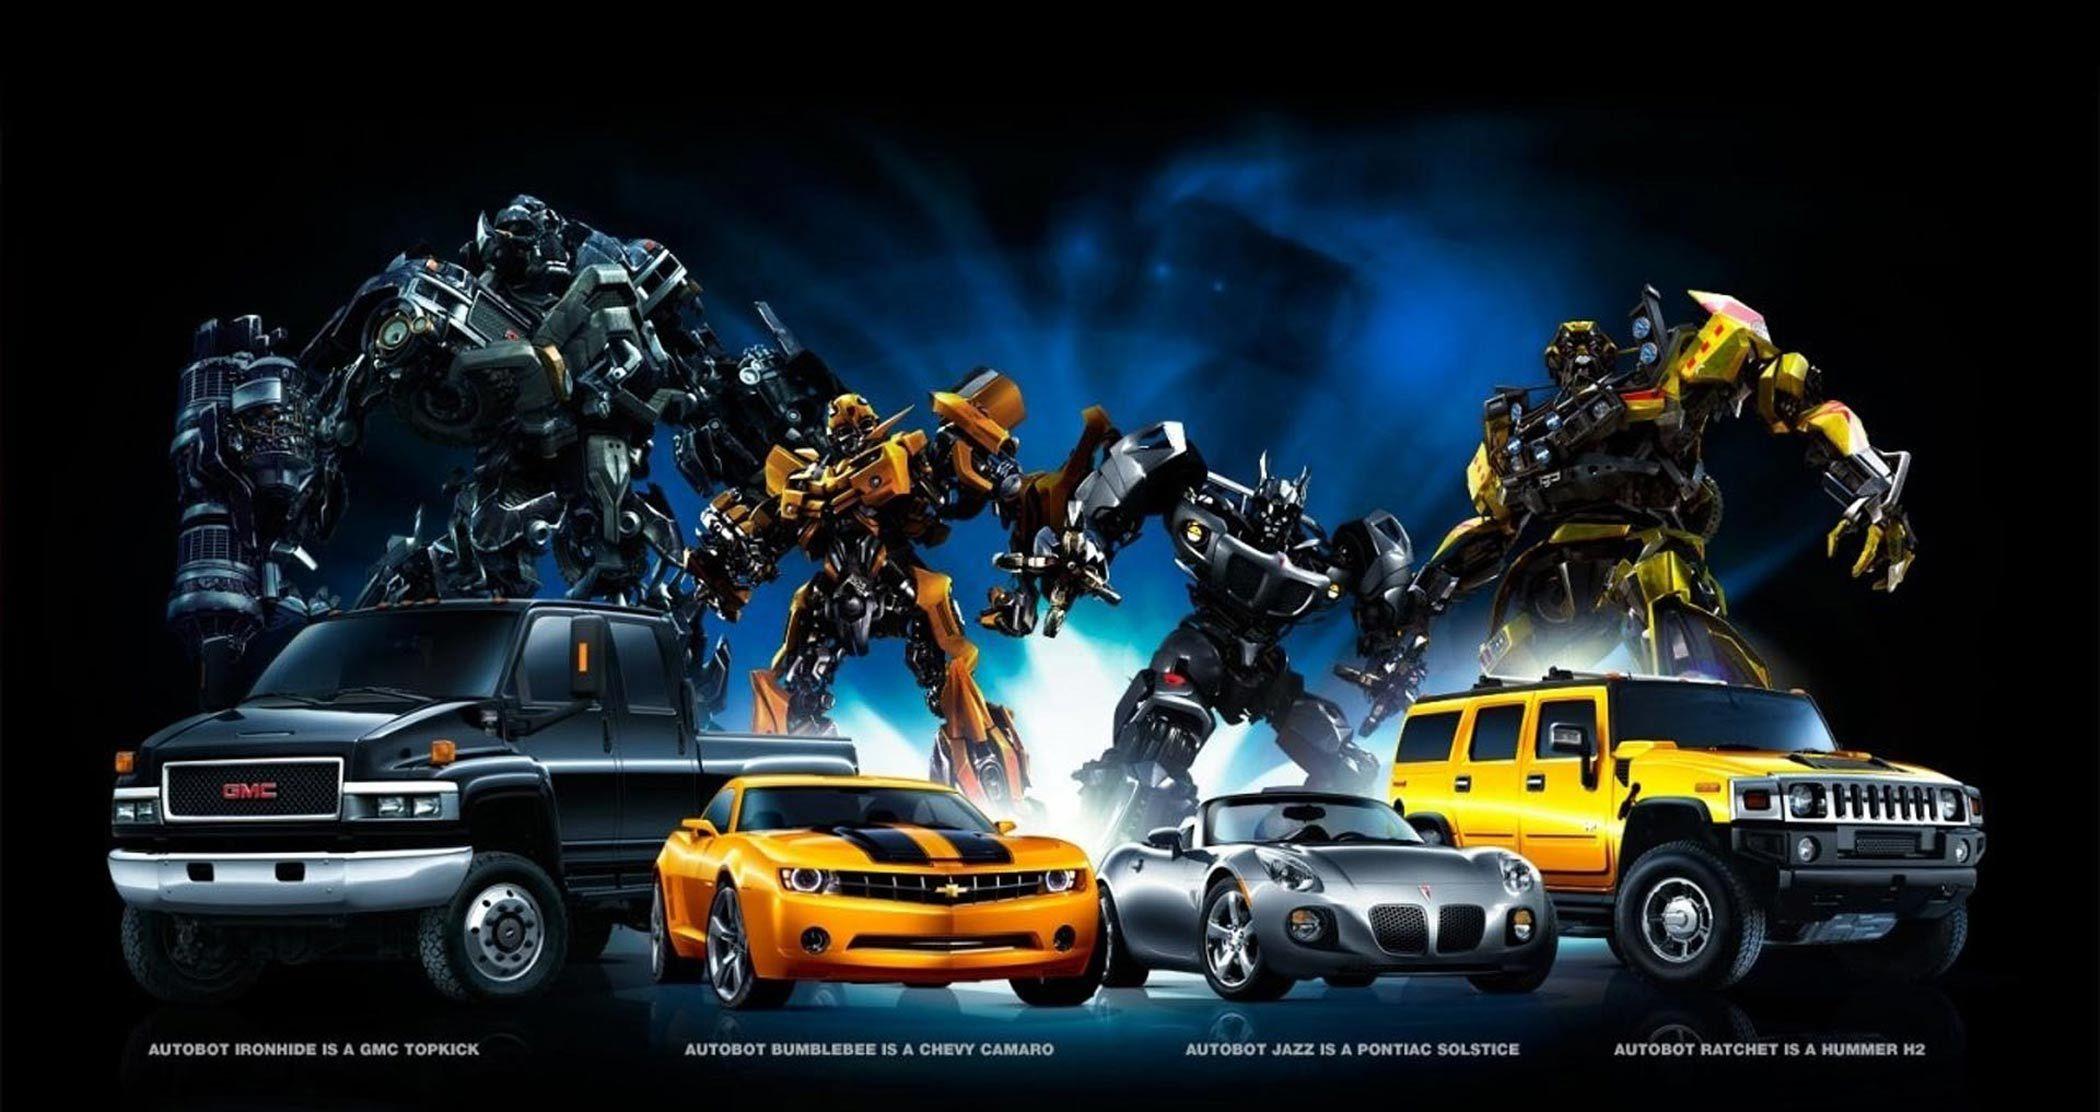 Transformers hd desktop wallpaper widescreen high - Transformers bumblebee car wallpaper ...